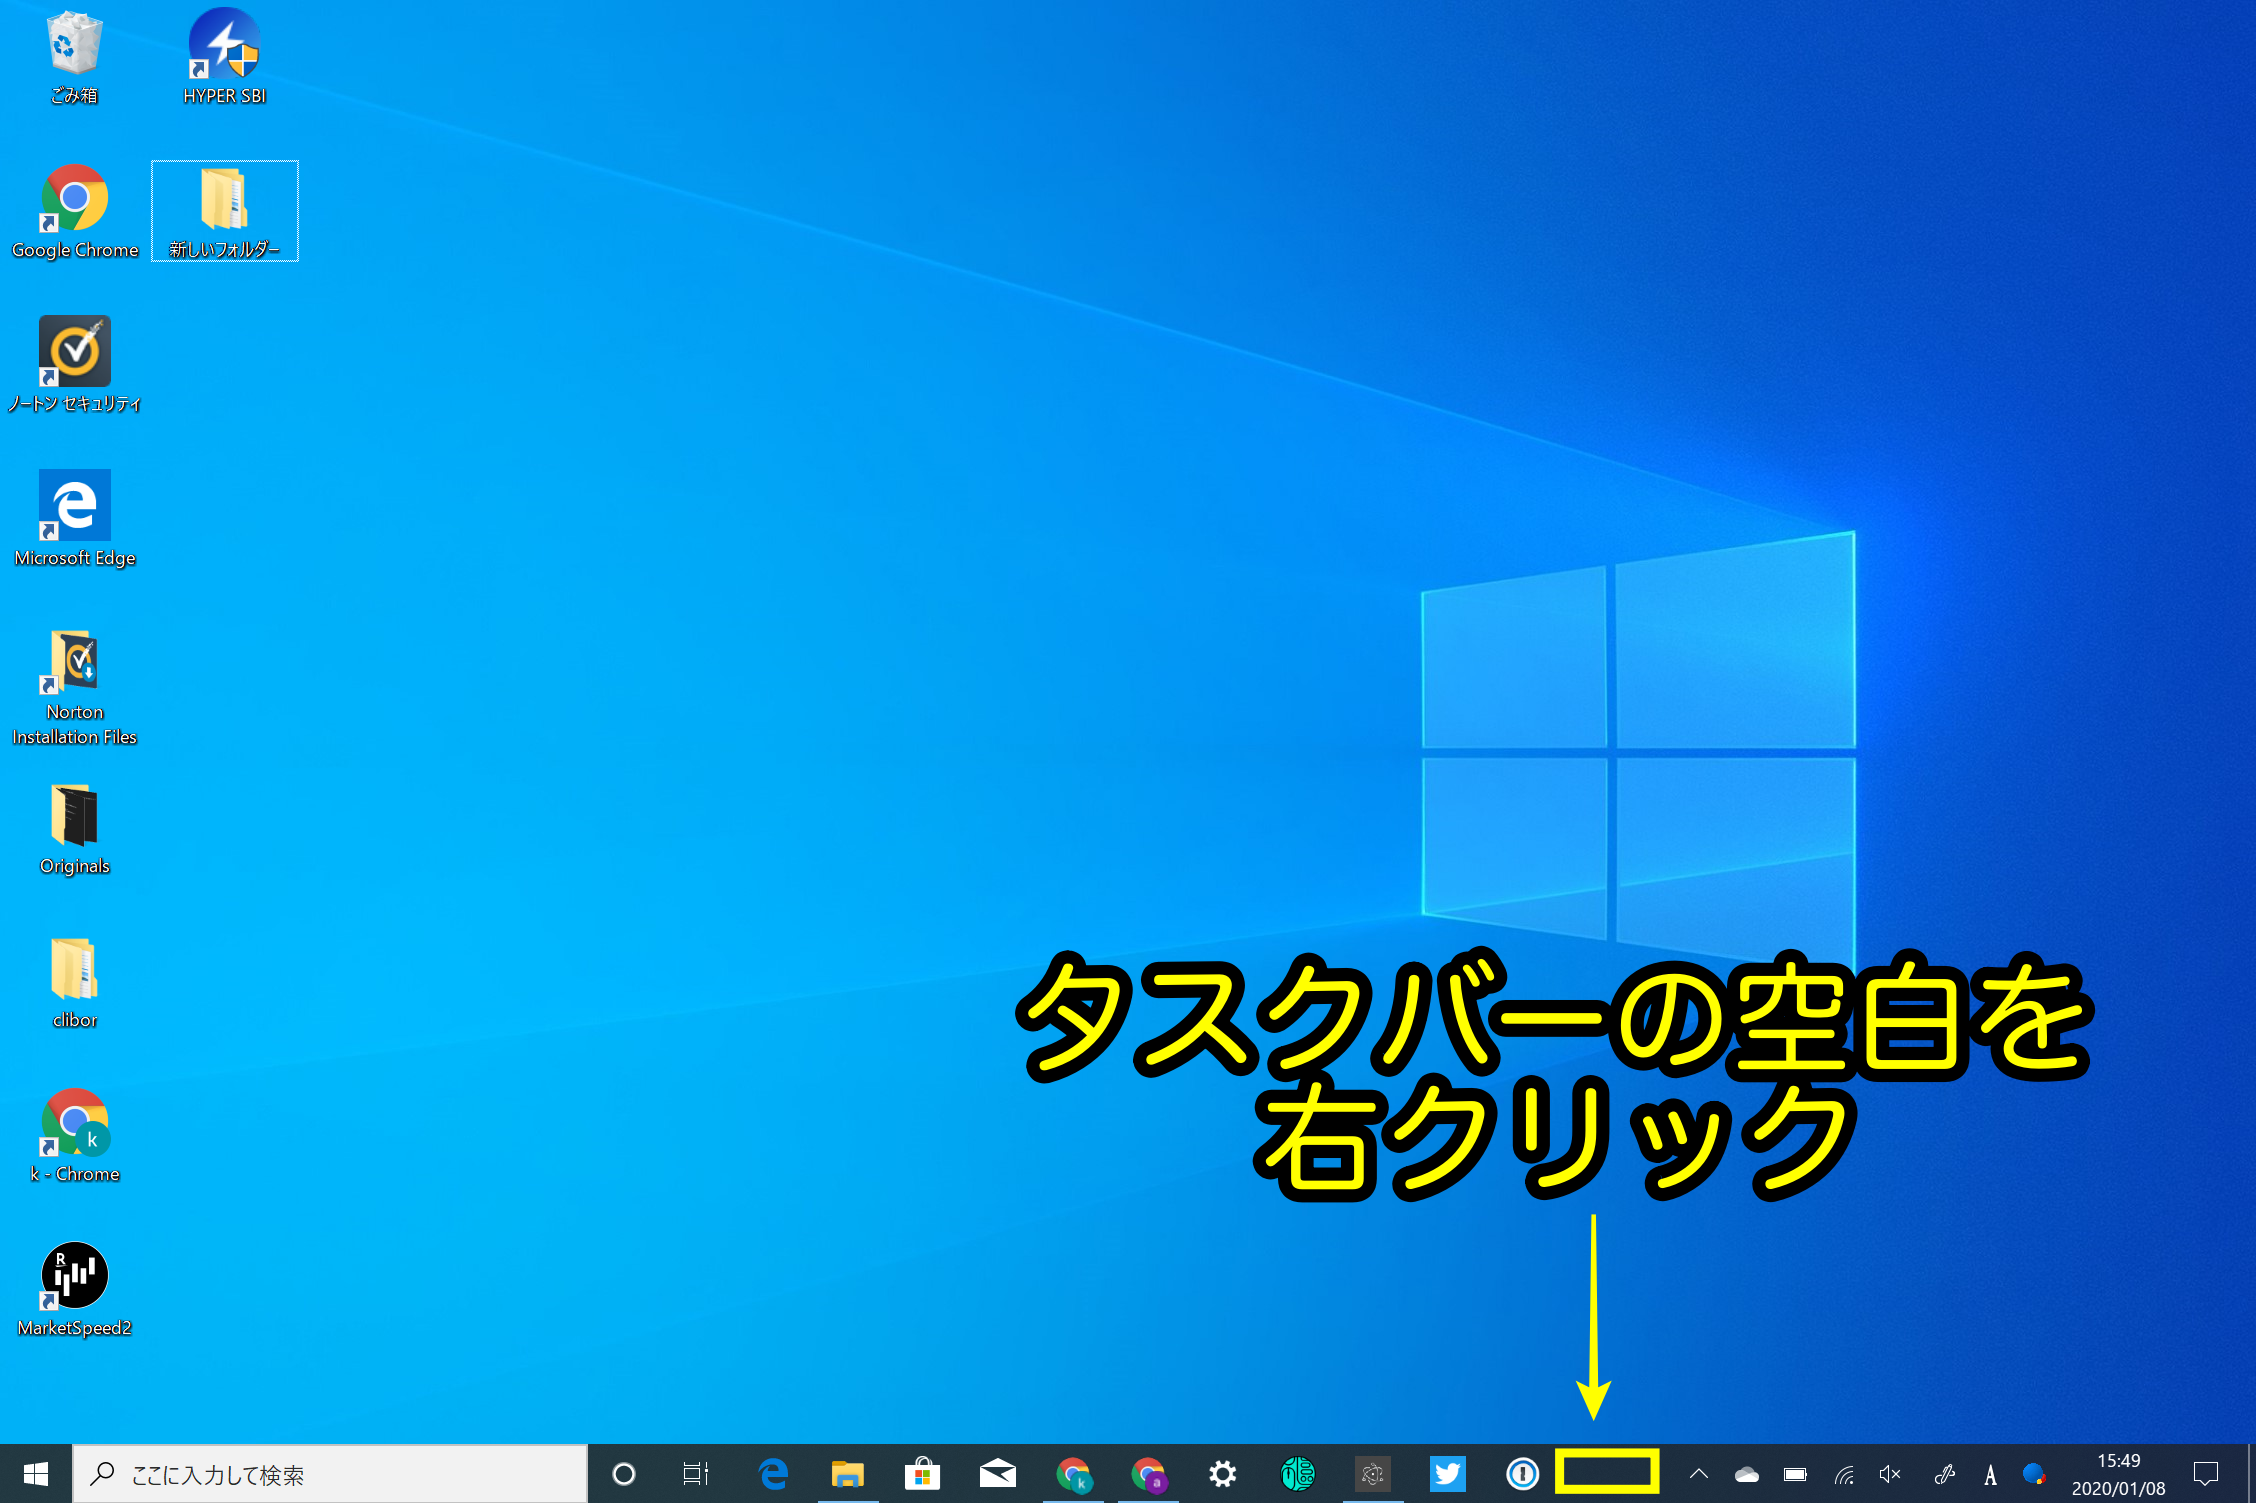 パソコンのホーム画面